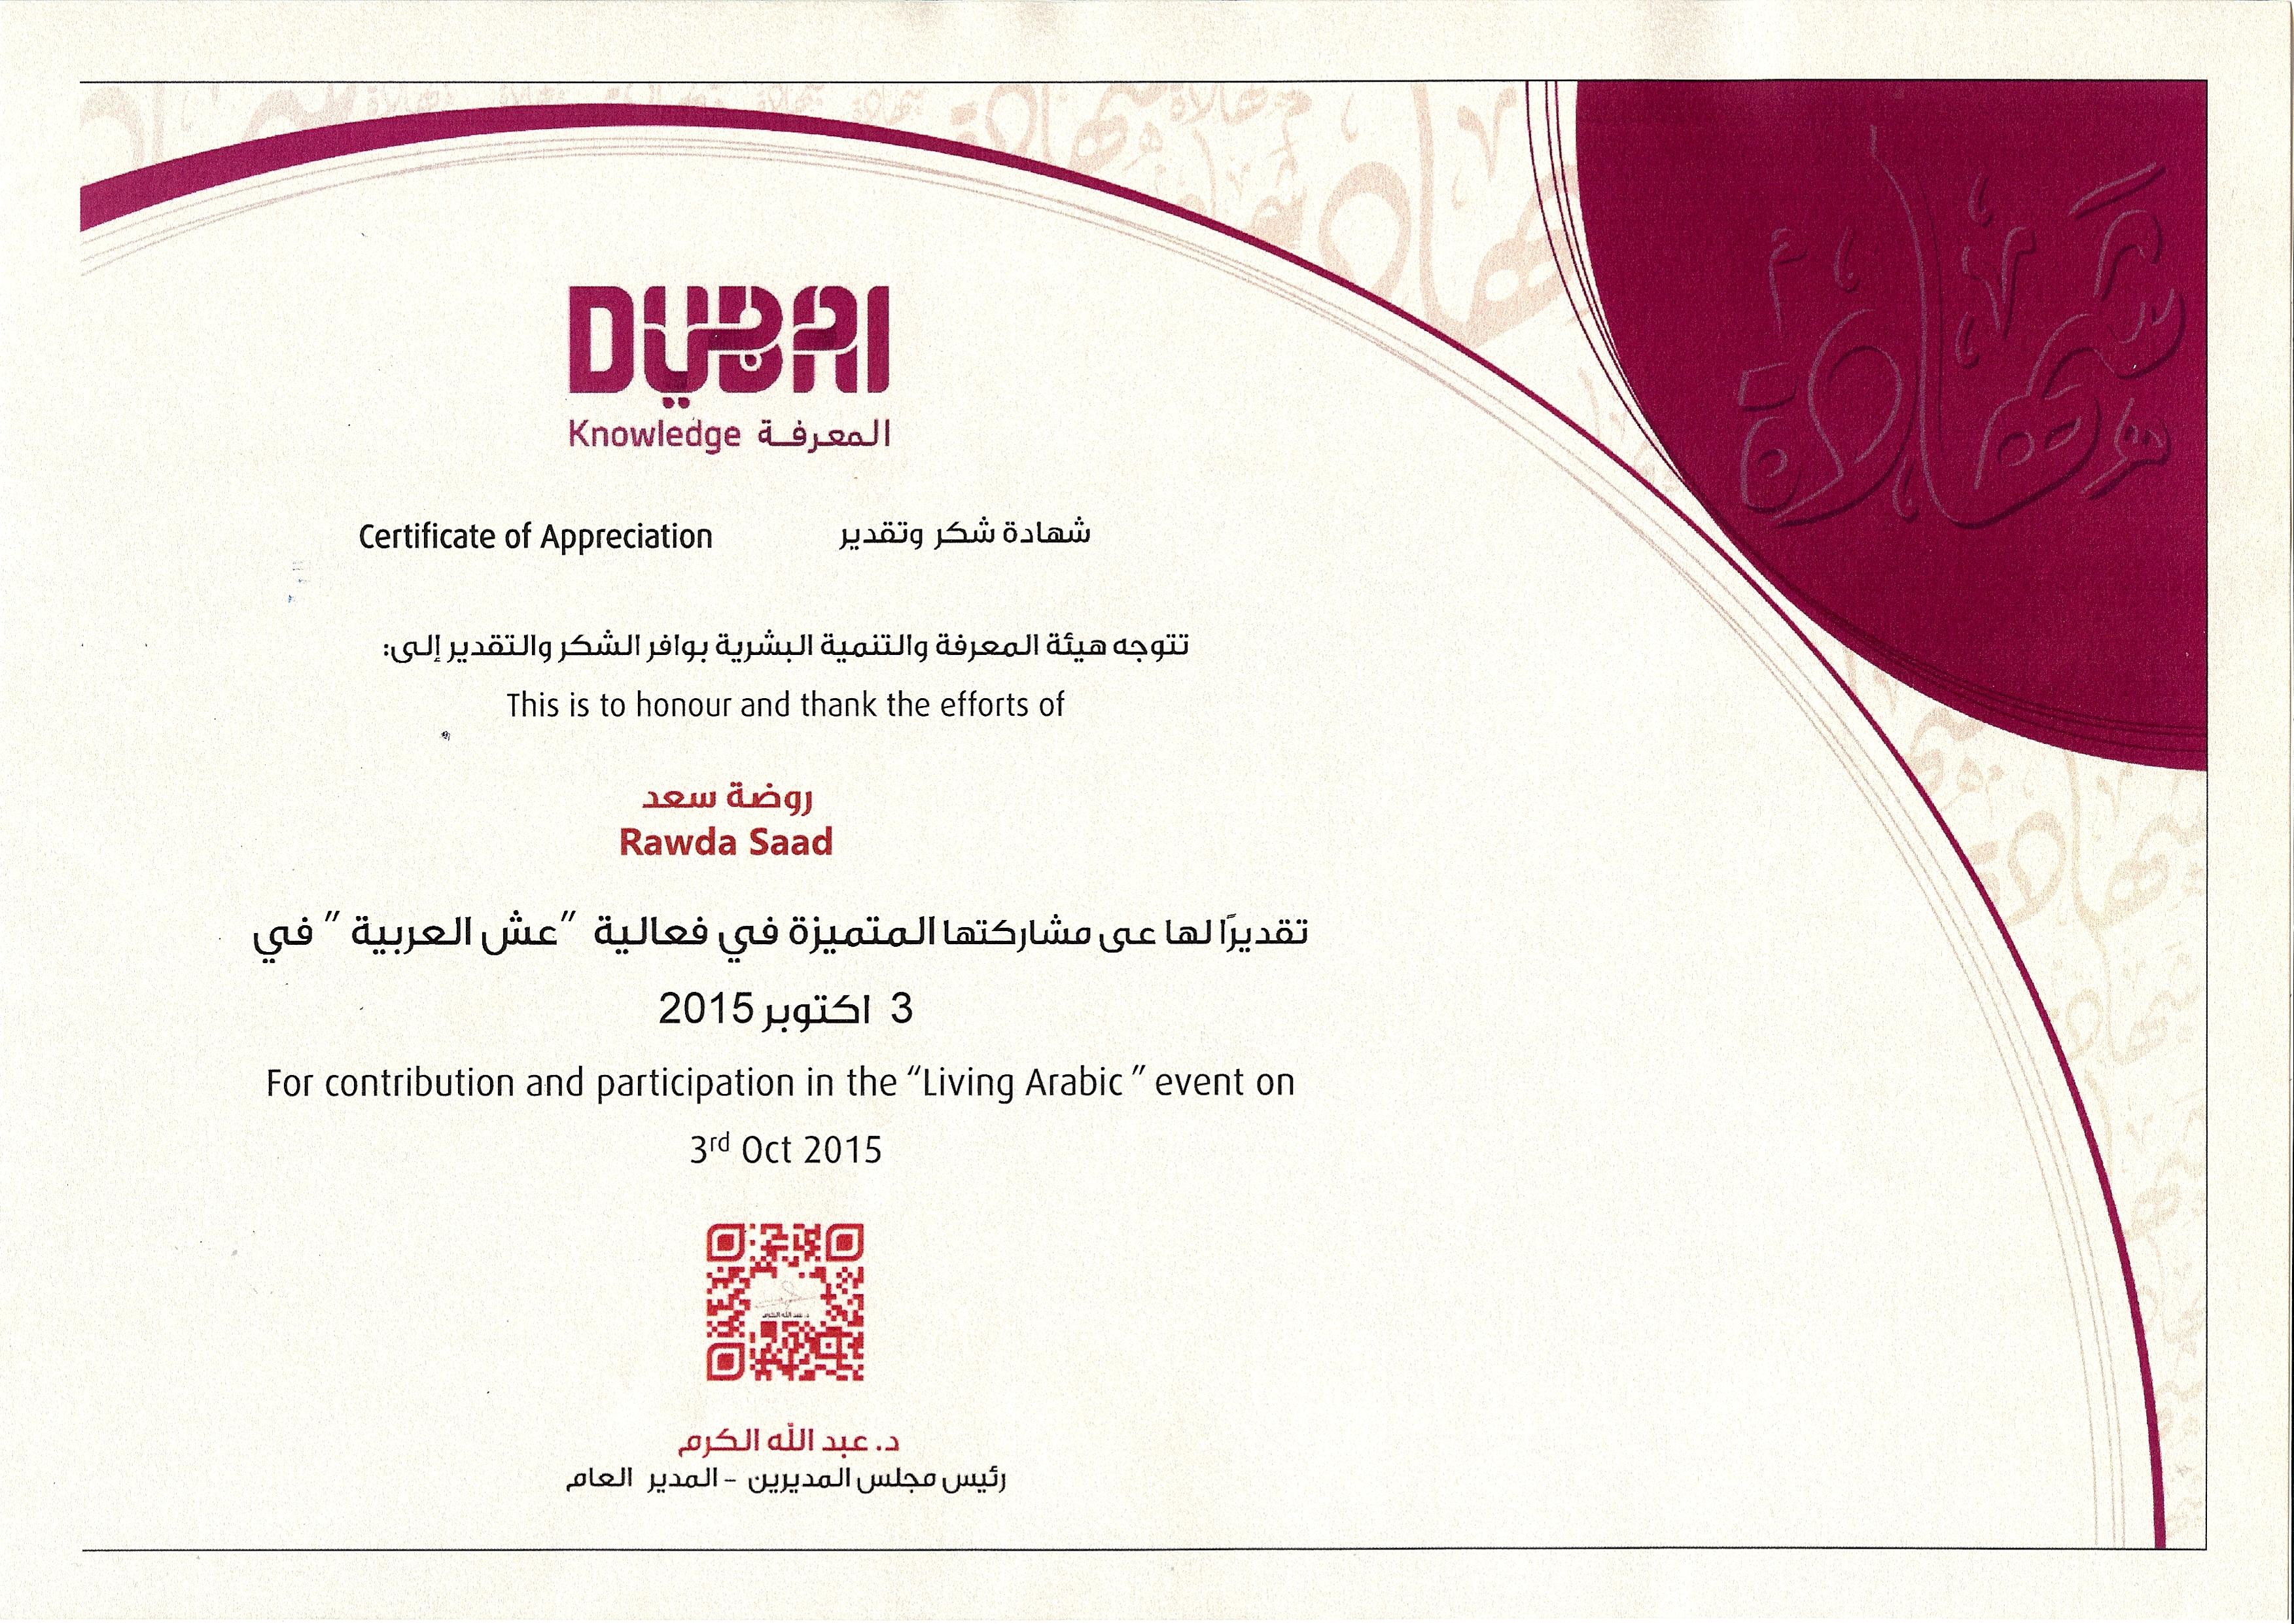 شكر وتقدير - ورشة العربية والابتكار -